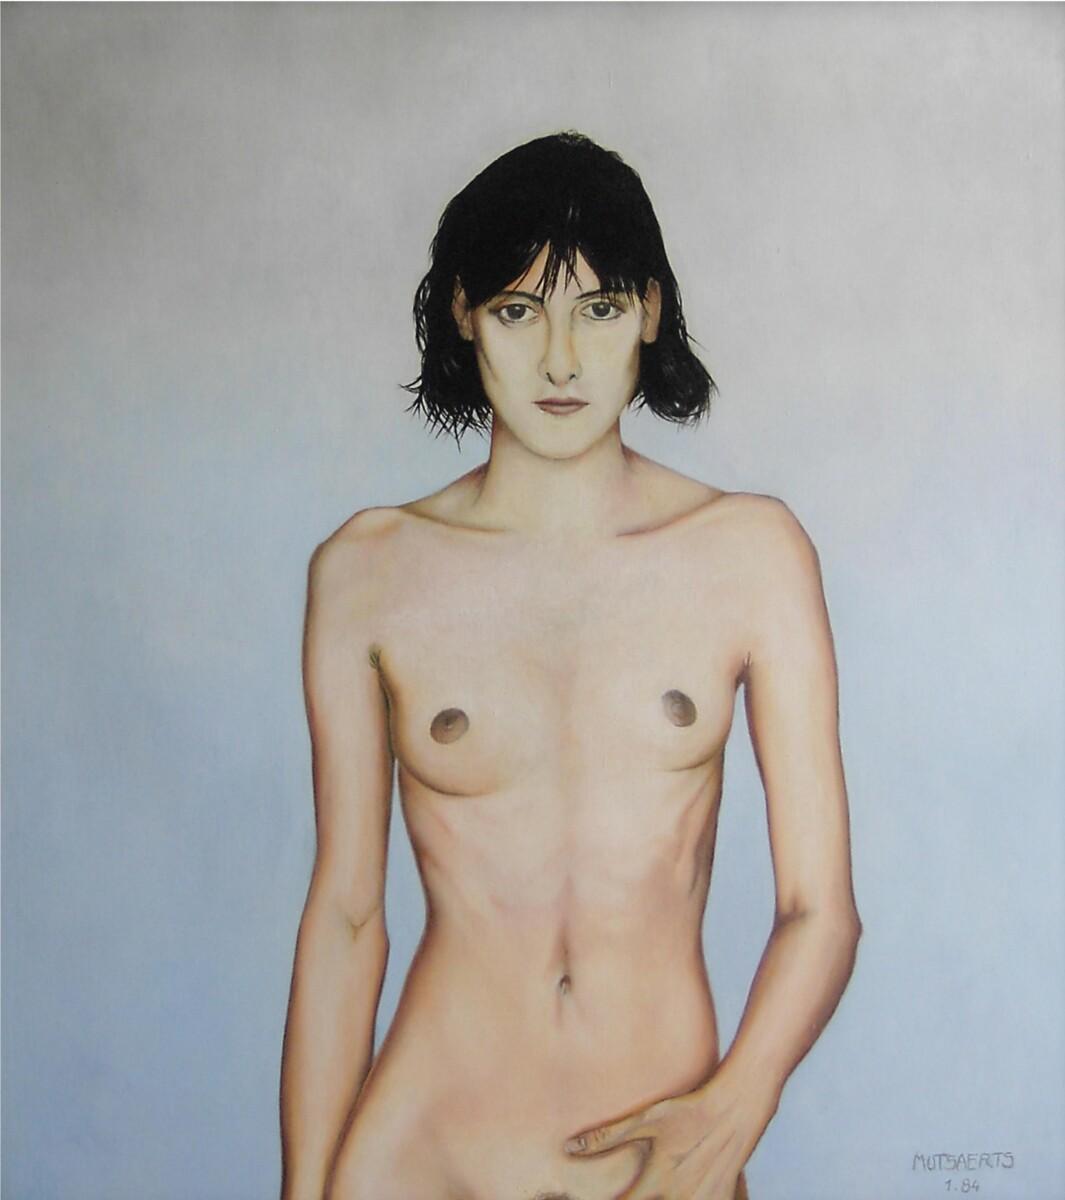 1984.1, масло на холсте, 110*100 cm - Dirk Mutsaerts